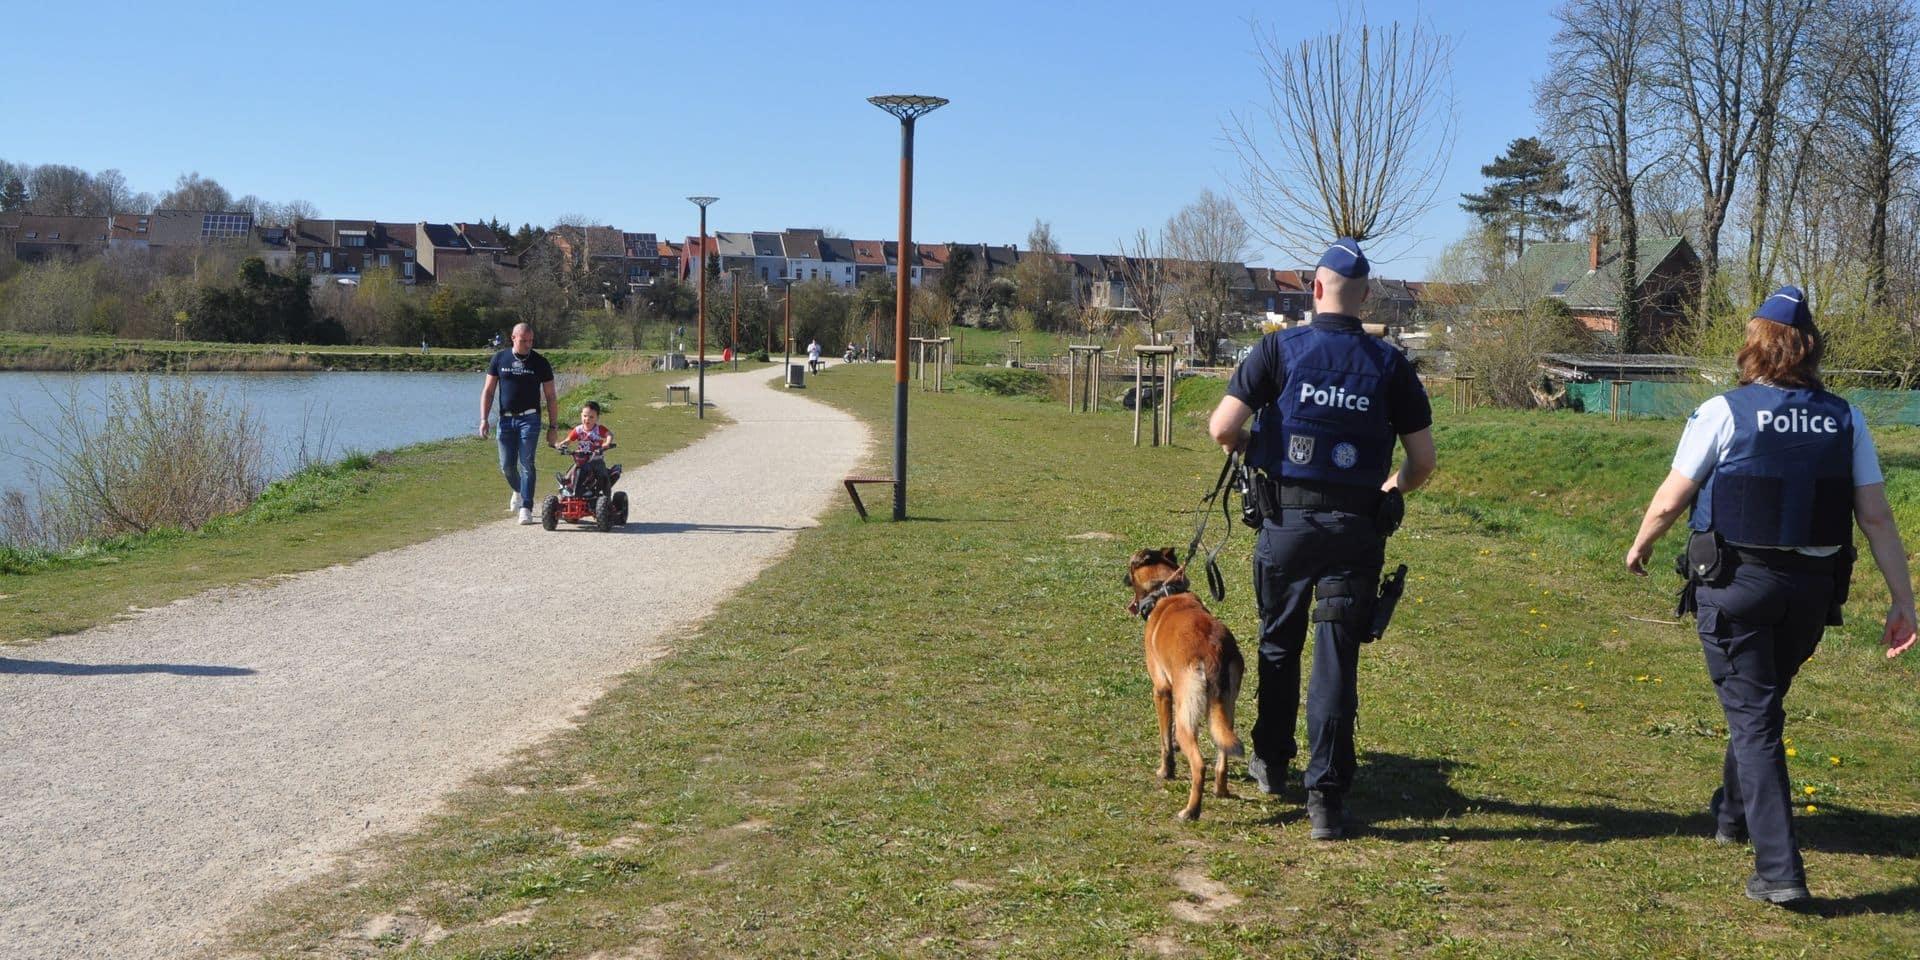 Une trentaine de P.-V. à Braine-l'Alleud pour non-respect des règles de confinement